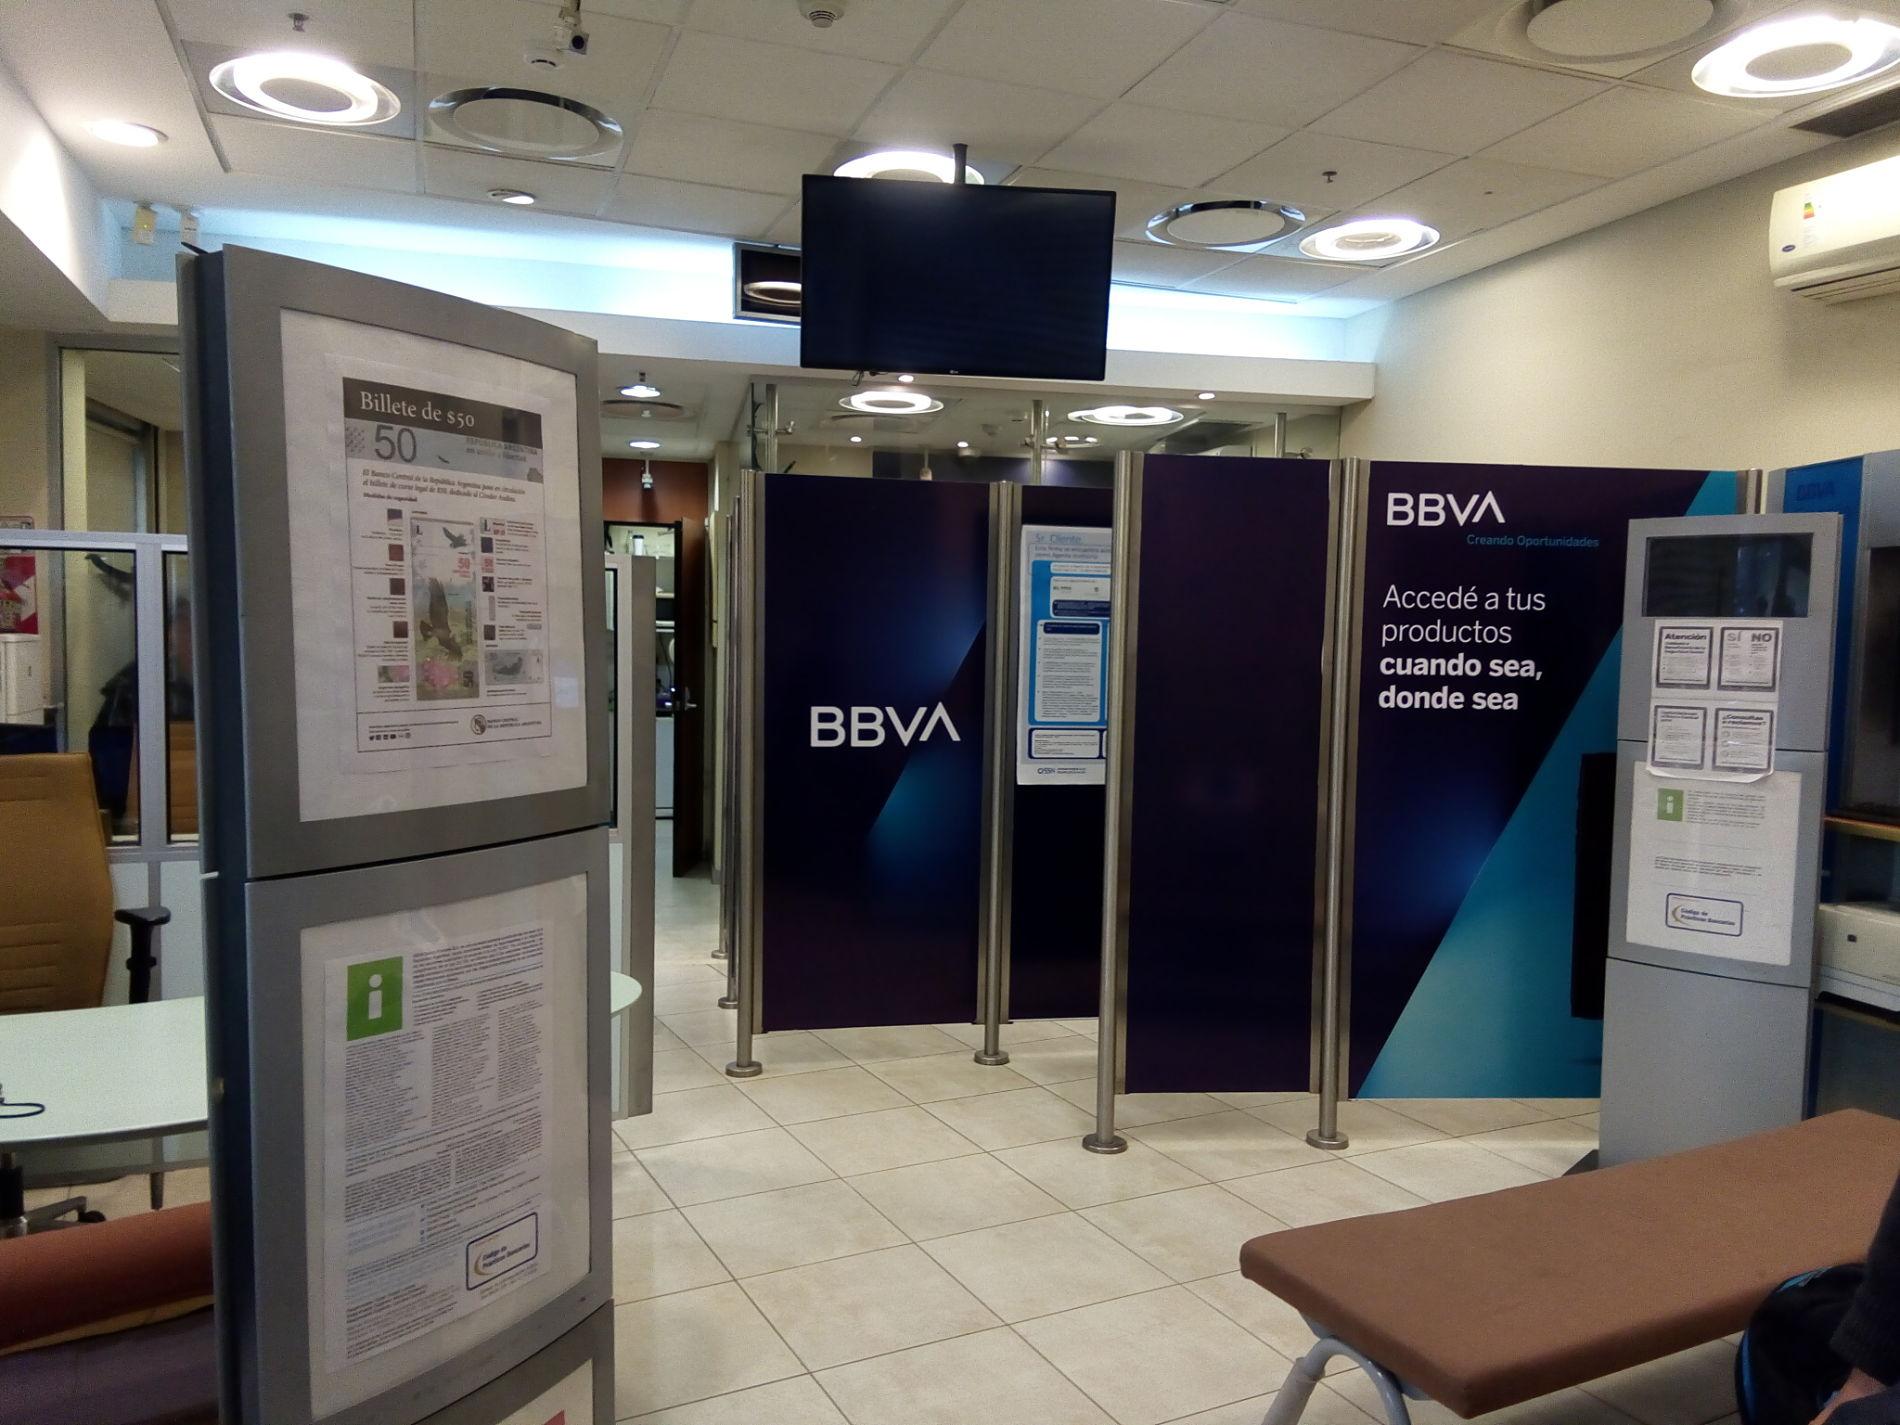 BBVA-Argentina-Interiores